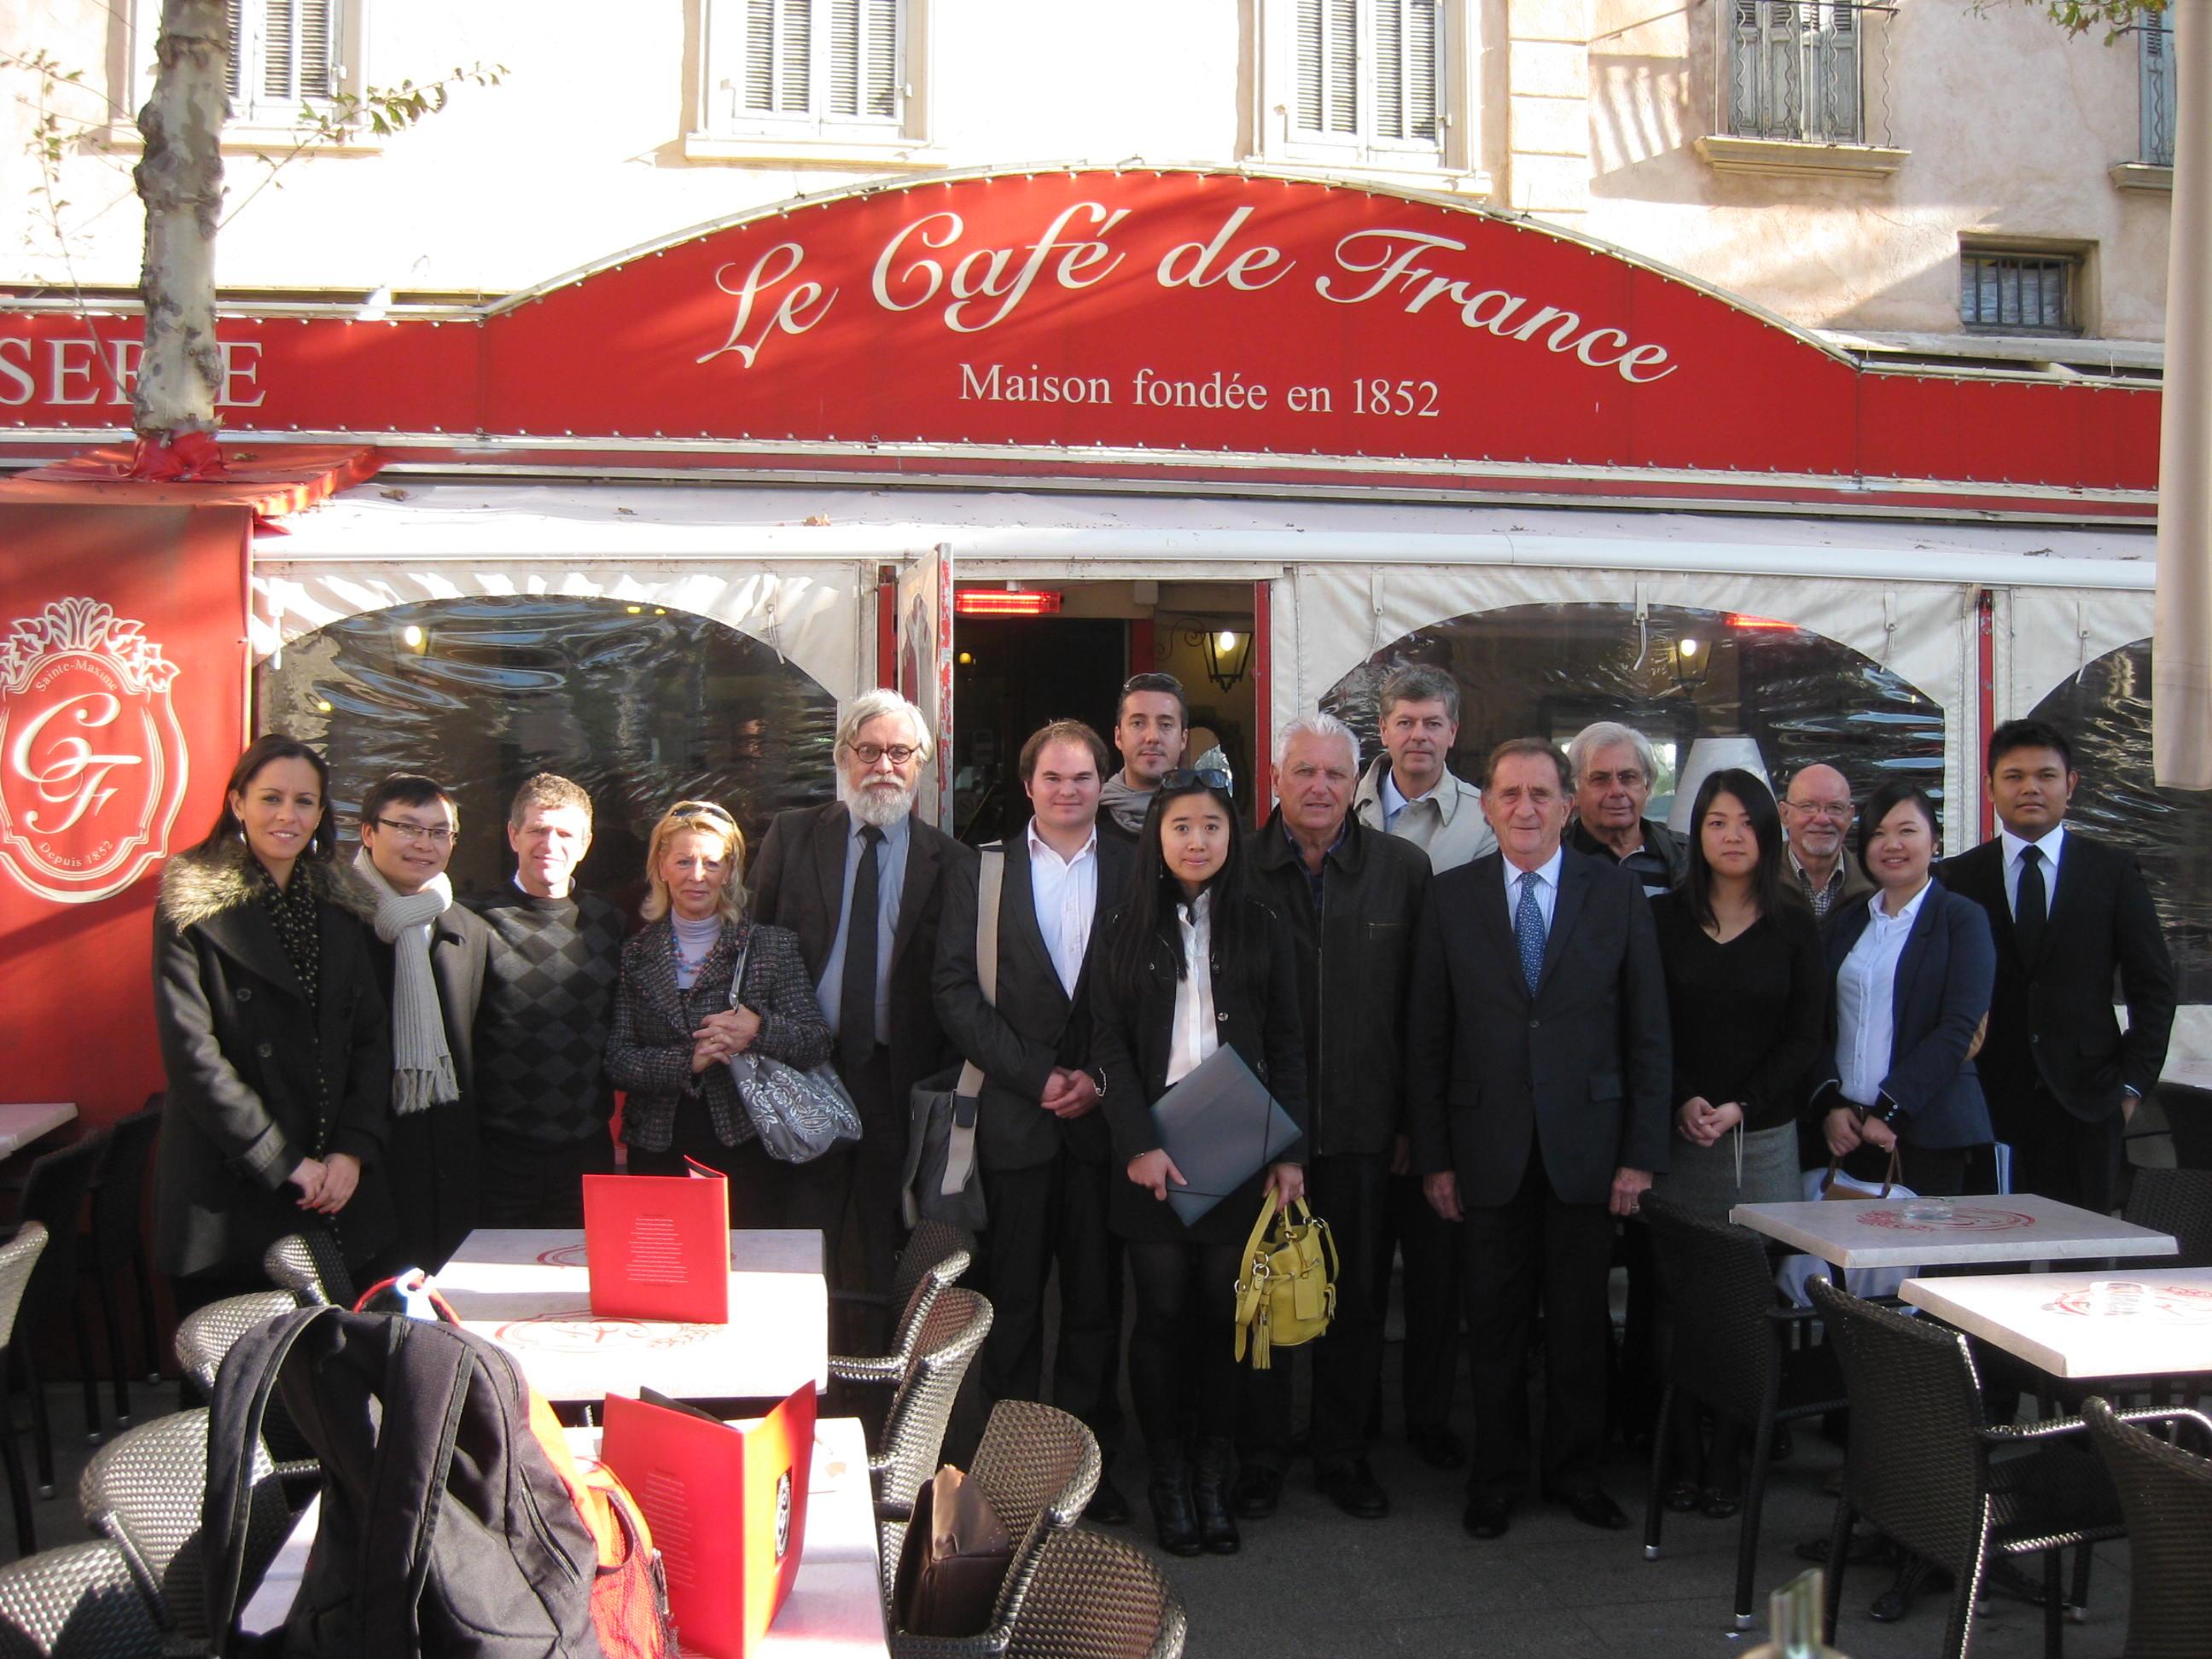 Photos jean michel couve re oit les tudiants de la sorbonne jean michel couve - Cafe de france sainte maxime ...